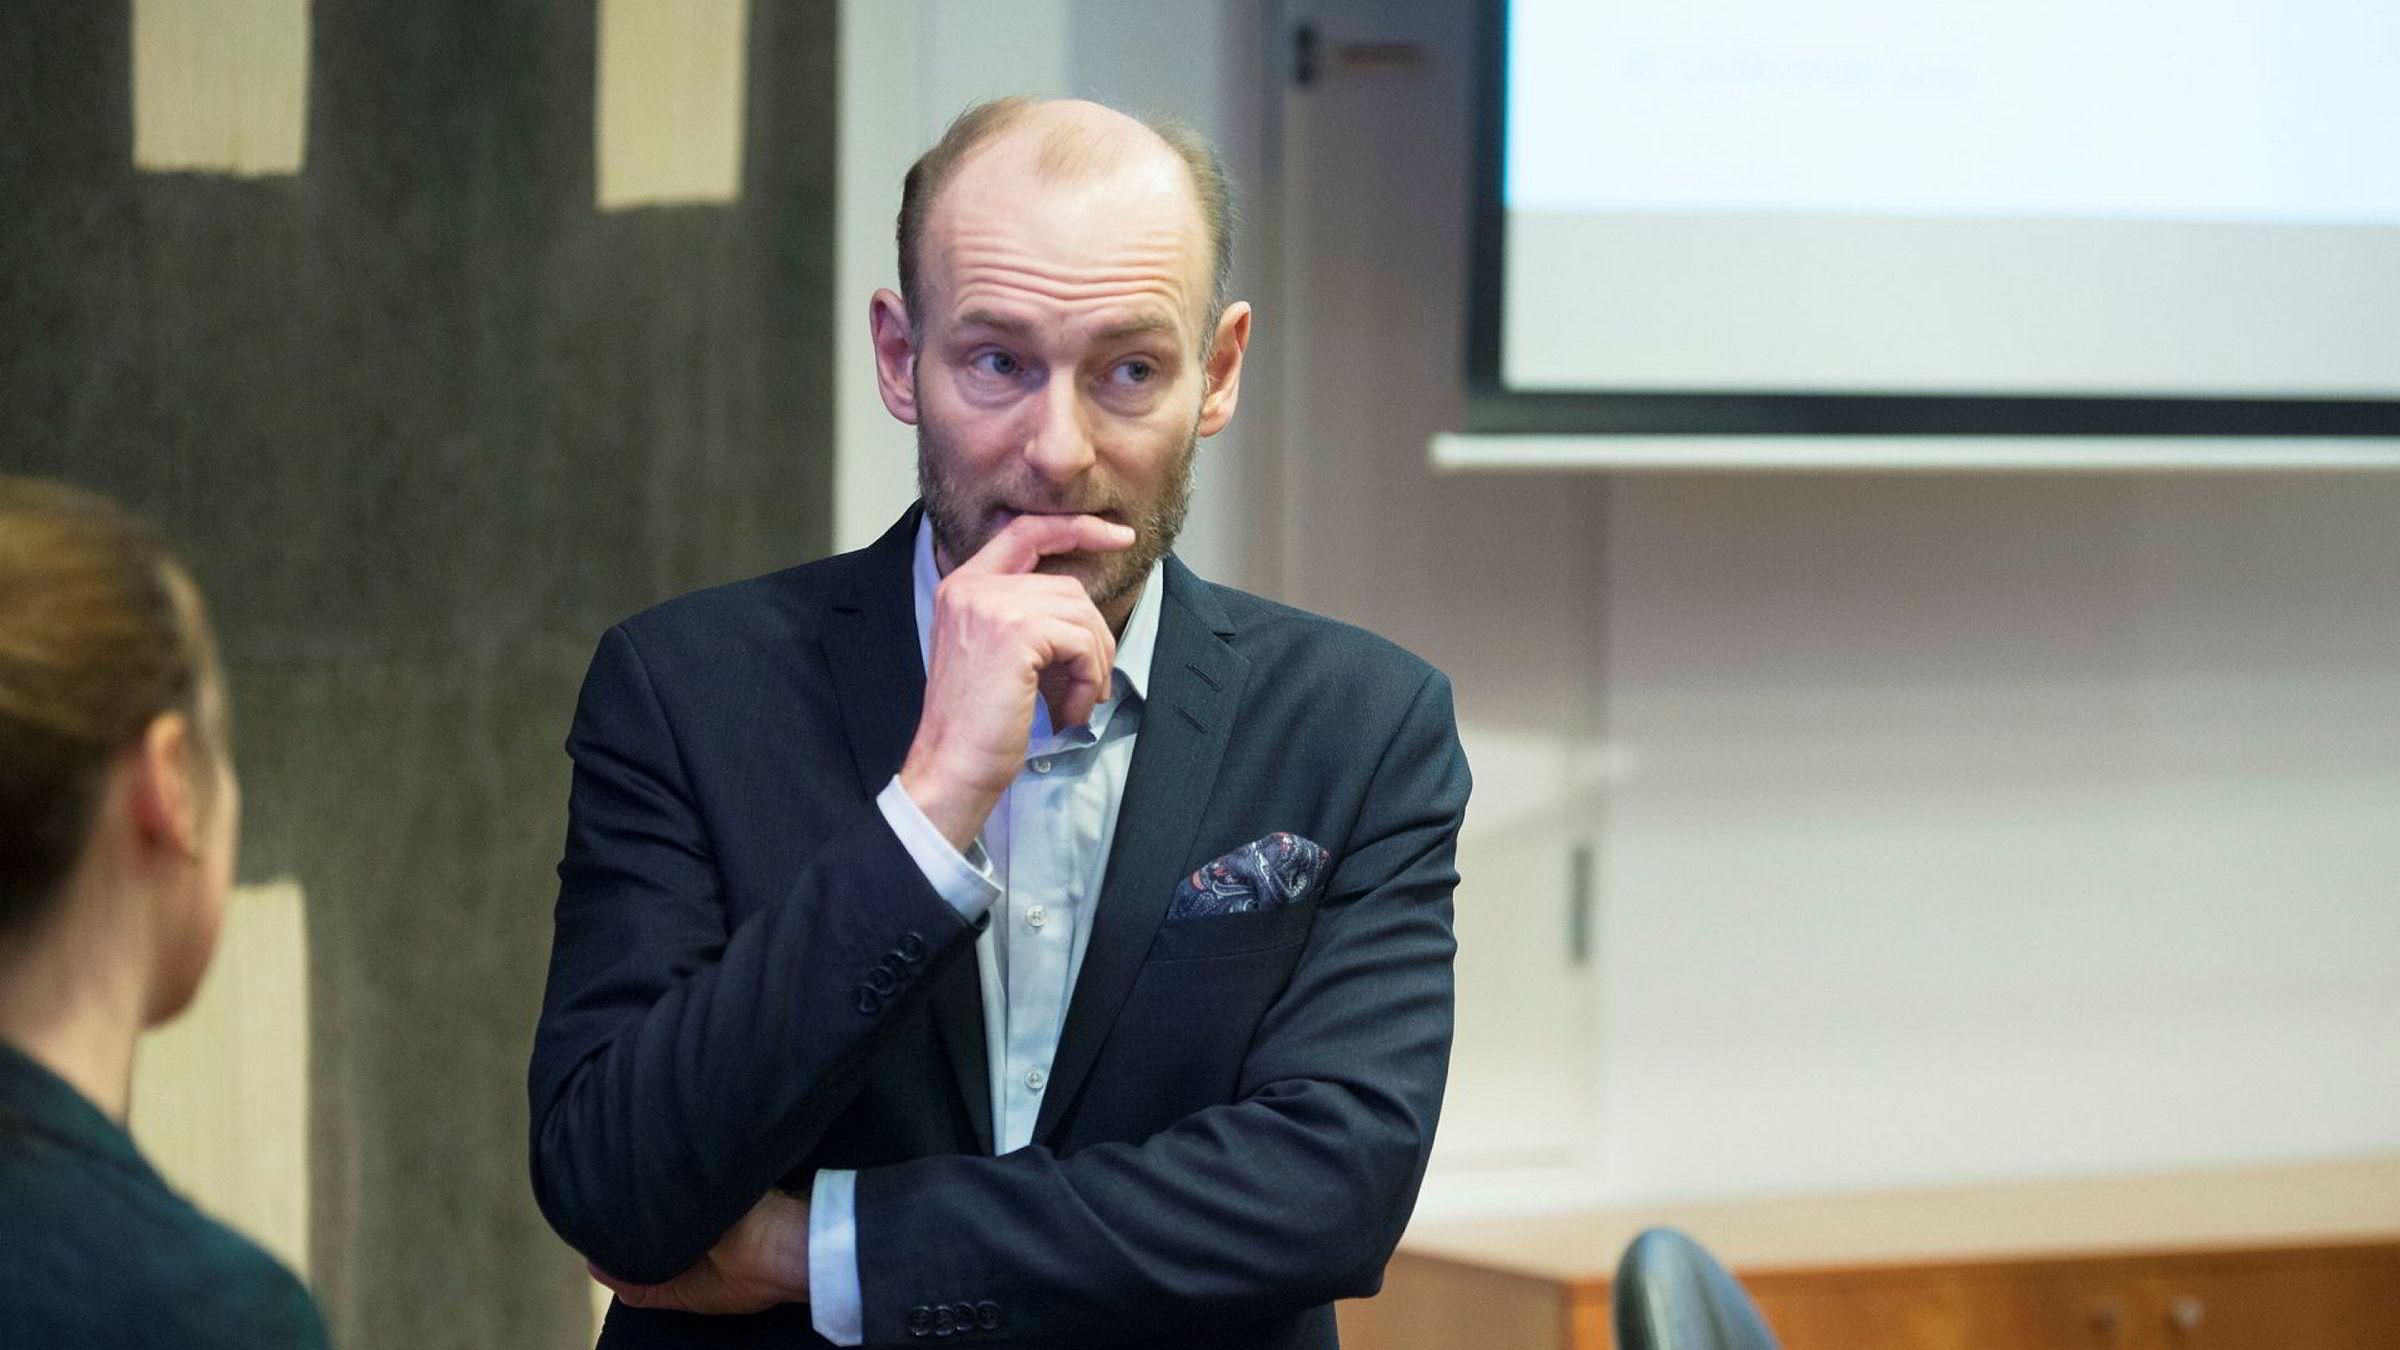 Fritt Ord-leder Knut Olav Åmås mener det er en hersketeknikk å avskrive personlige erfaringer som anekdotisk bevis. Det kan også være uttrykk for sunn kritisk sans, mener artikkelforfatteren.